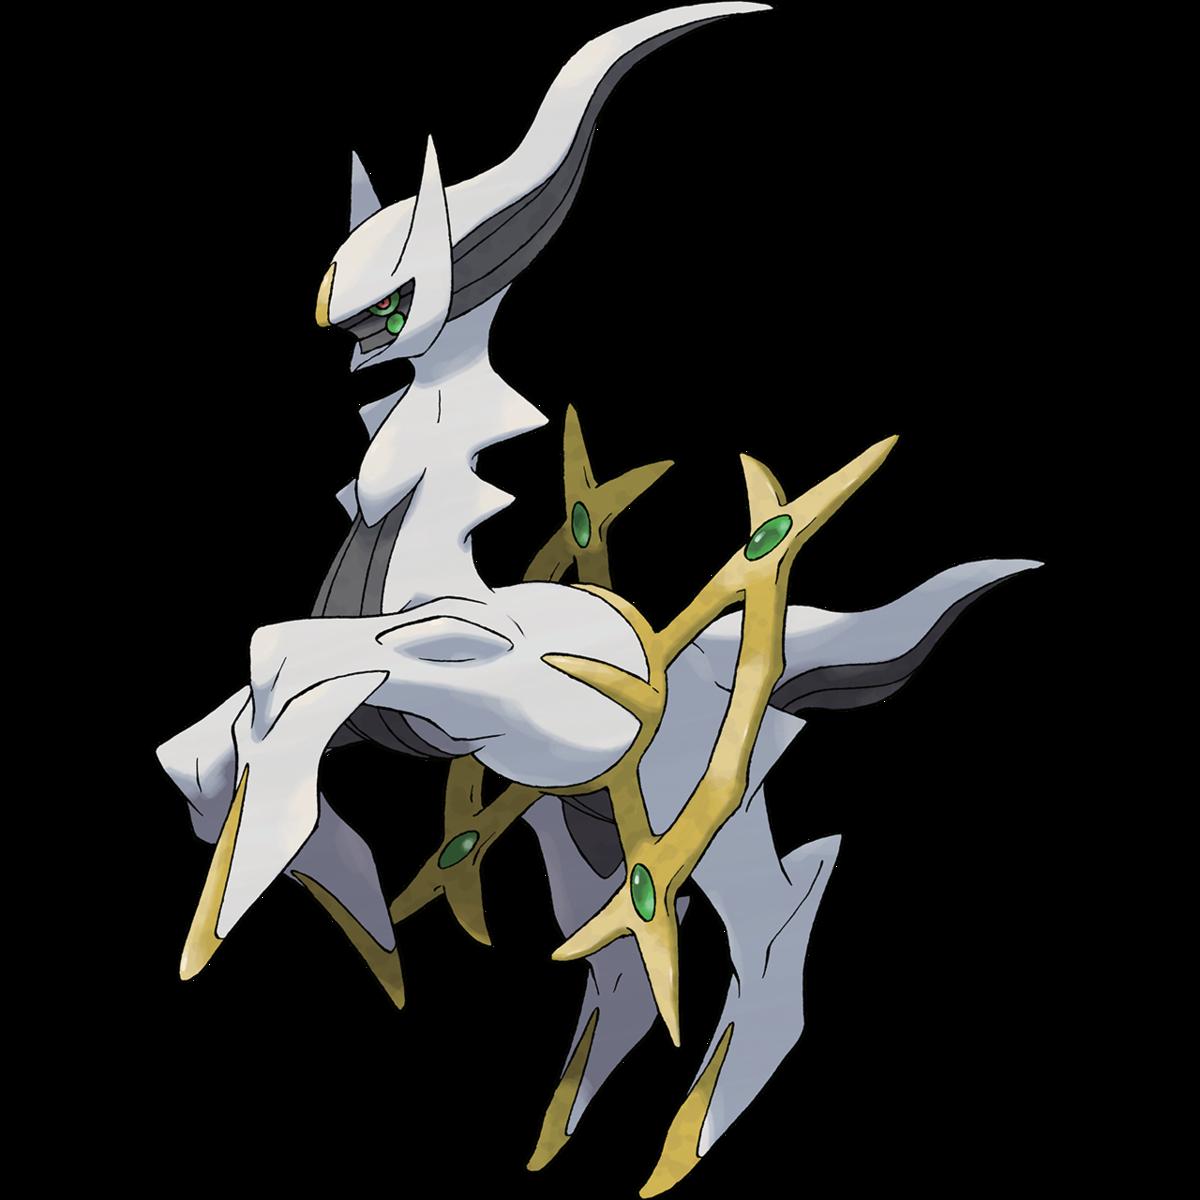 Arceus (Pokémon).